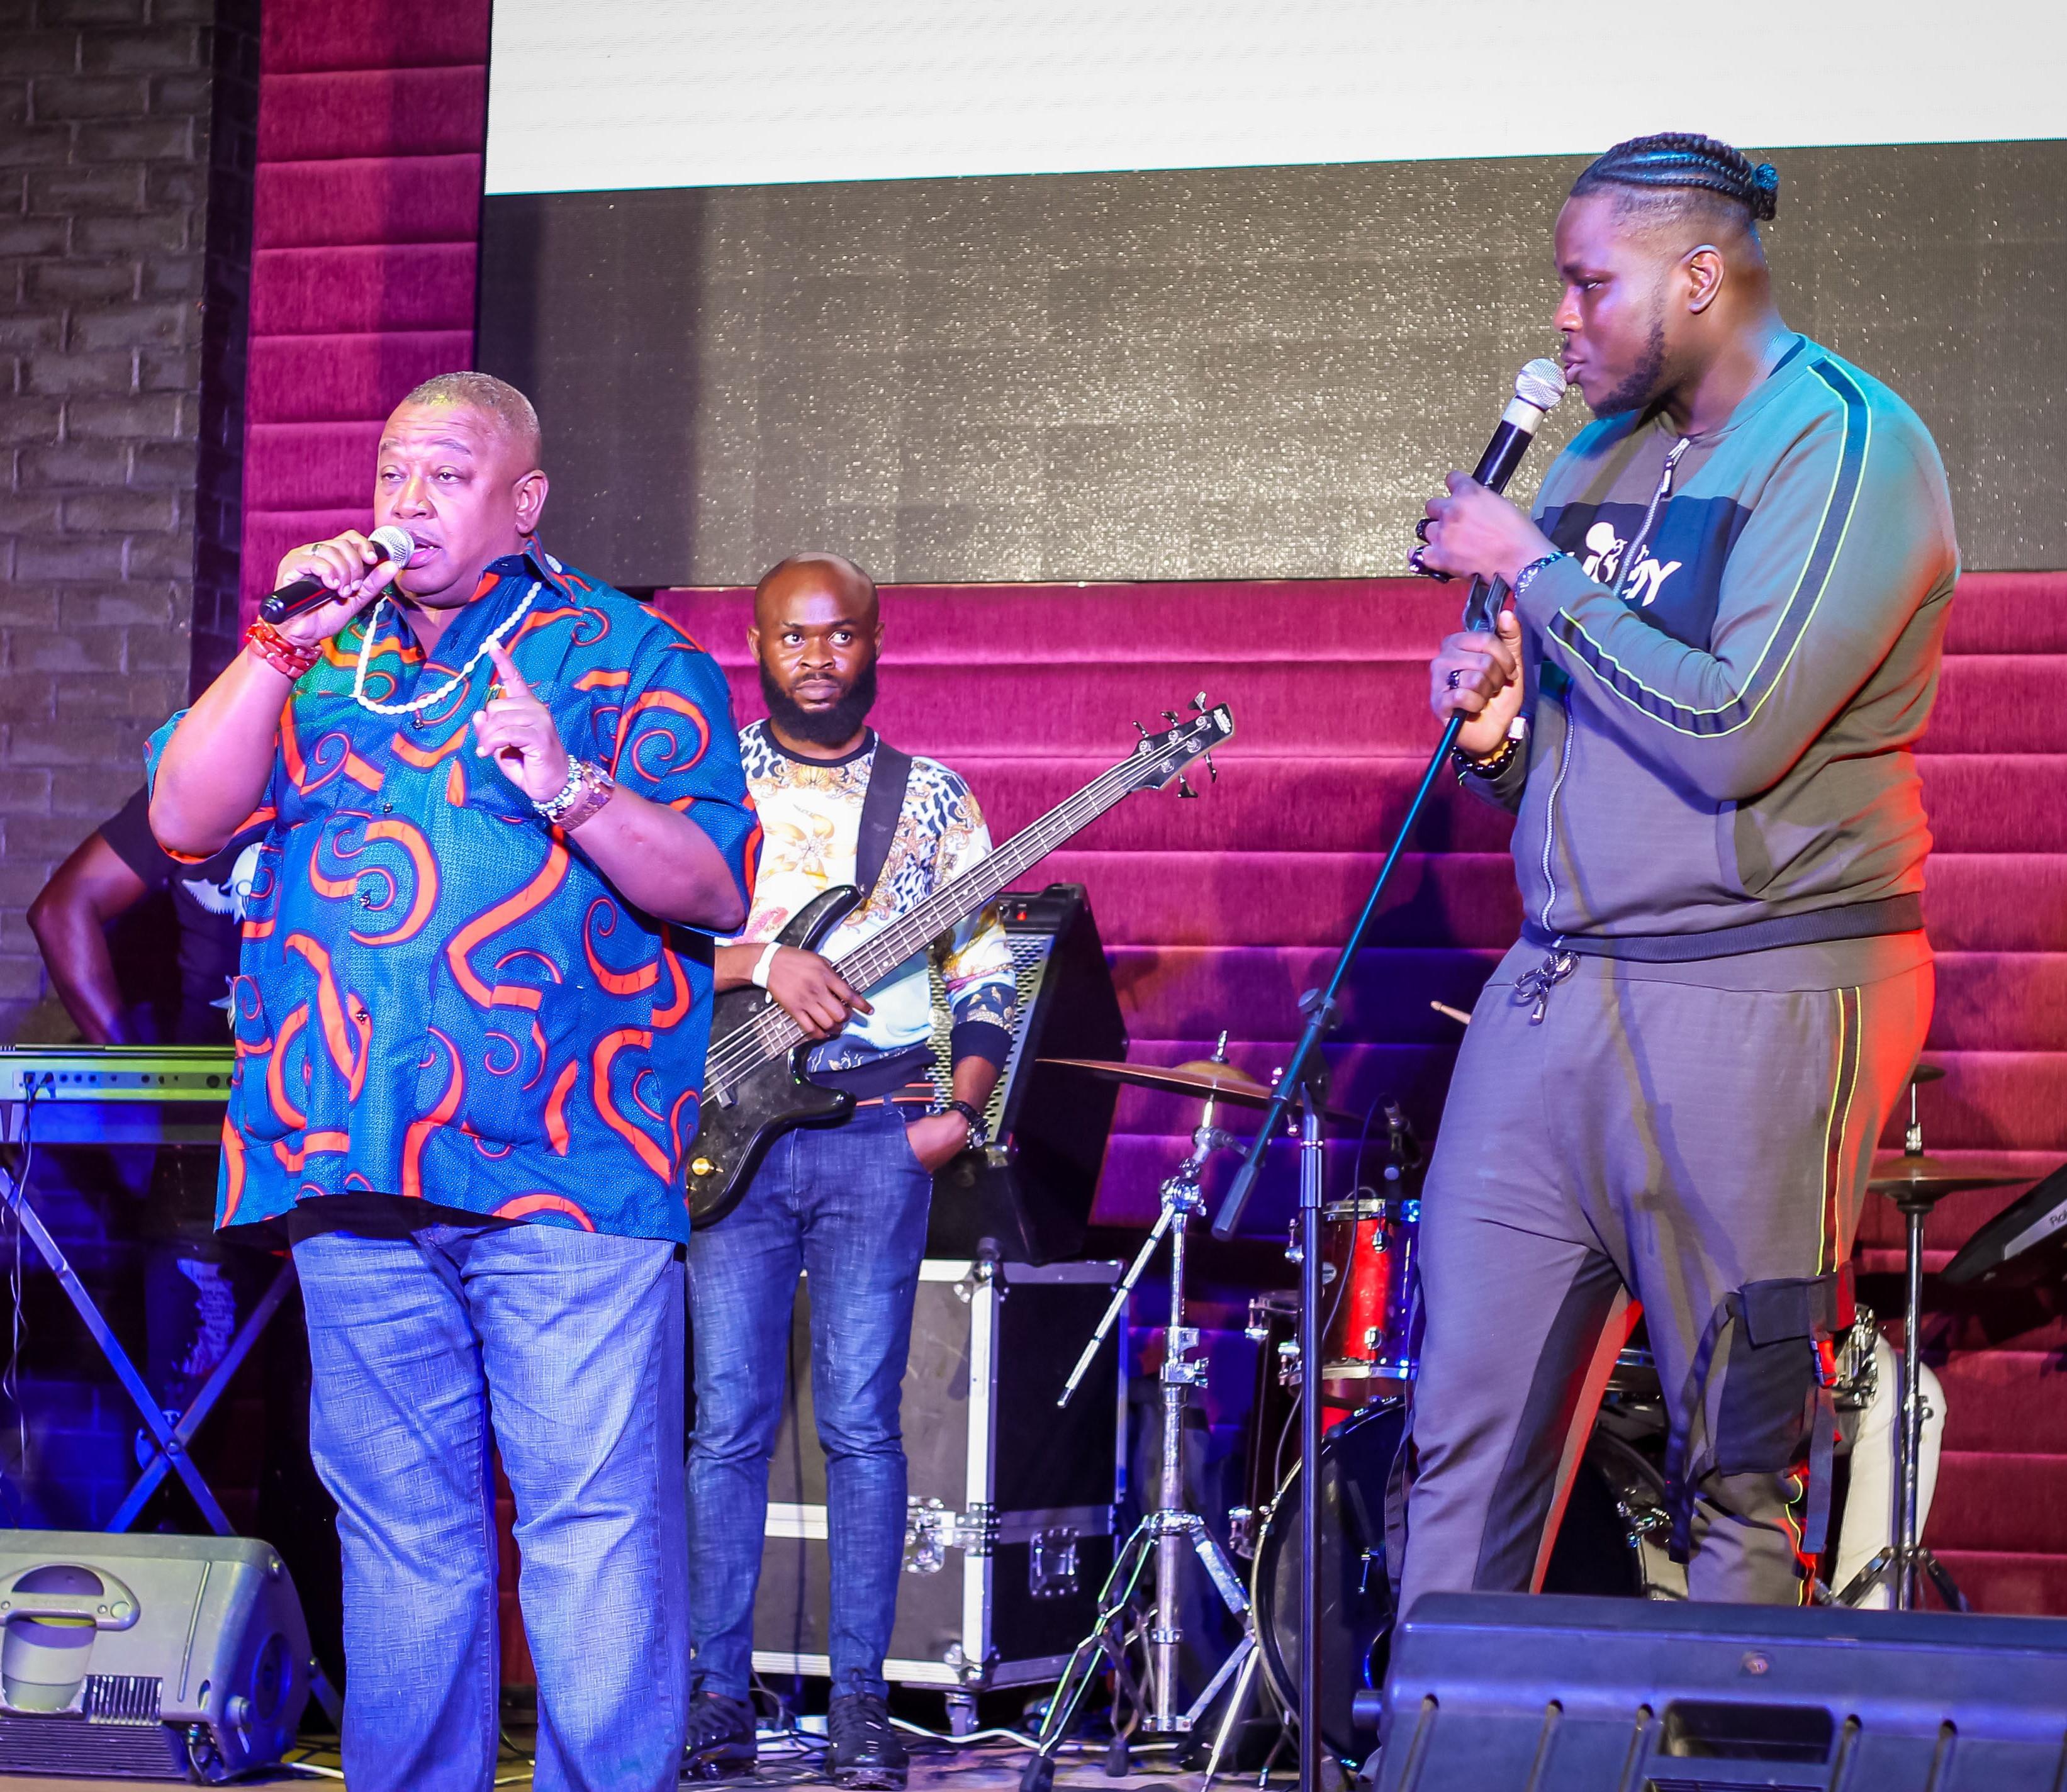 Music Legend 2Baba Celebrates #20YearsAKing Big During #2BabaWeek